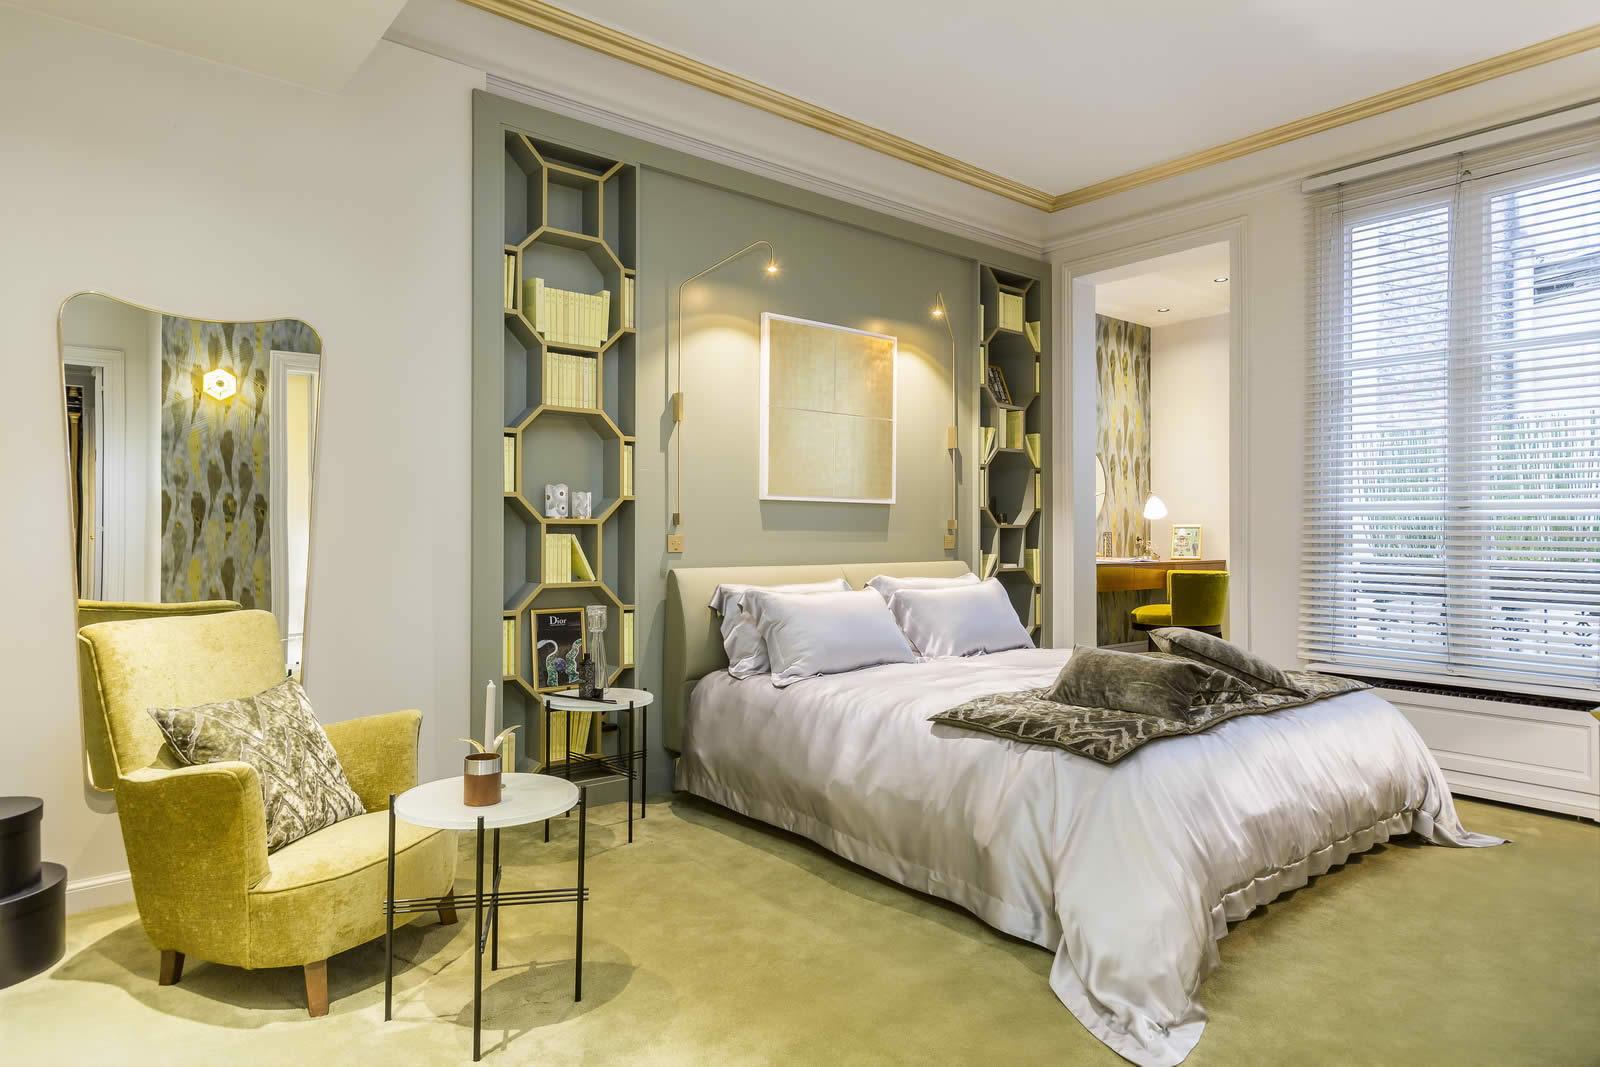 Appartement de luxe à vendre à Saint-Germain-des-Prés, Paris